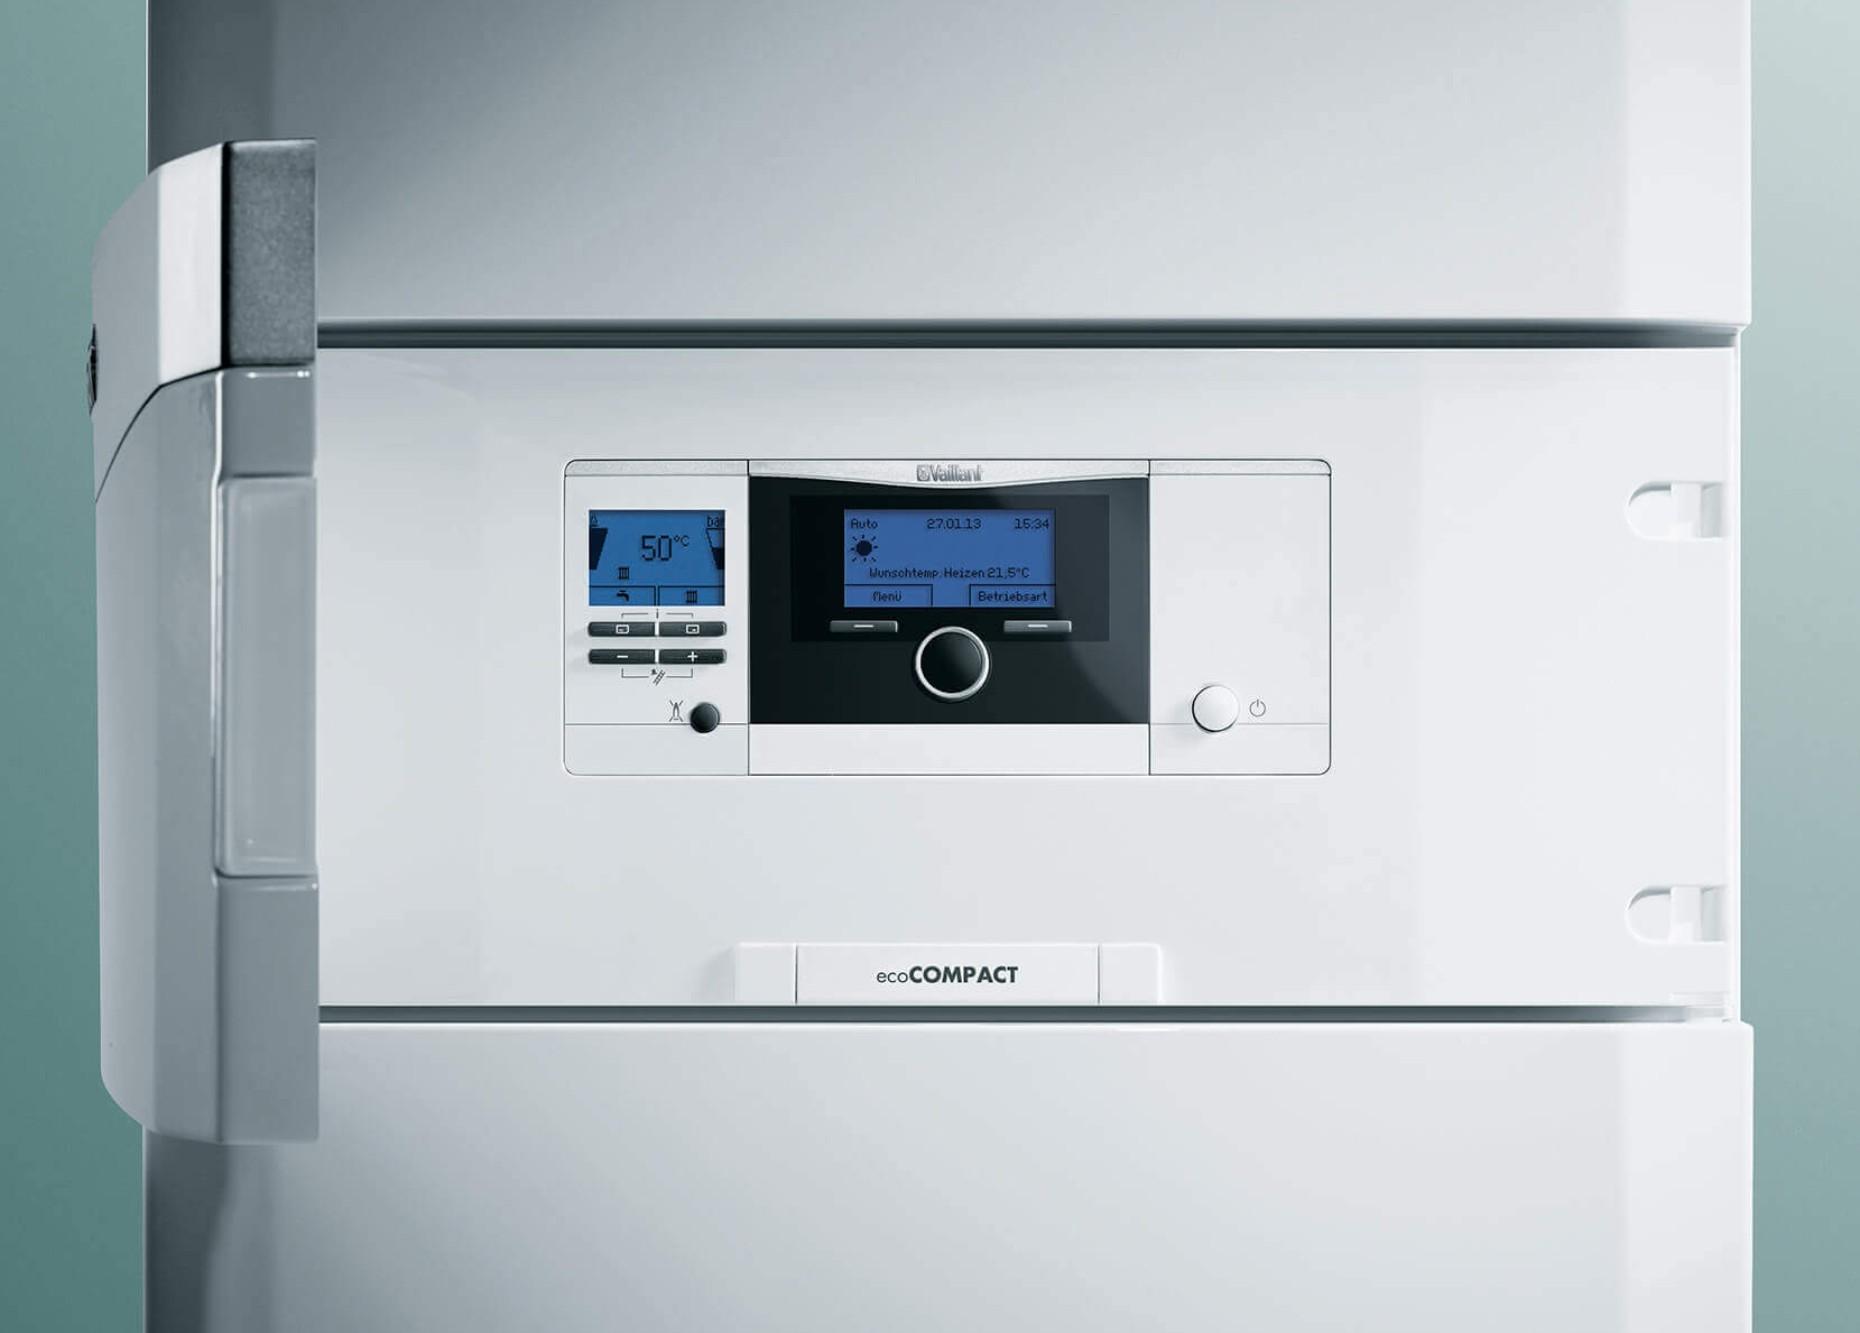 gas brennwertsystem ecocompact vaillant. Black Bedroom Furniture Sets. Home Design Ideas